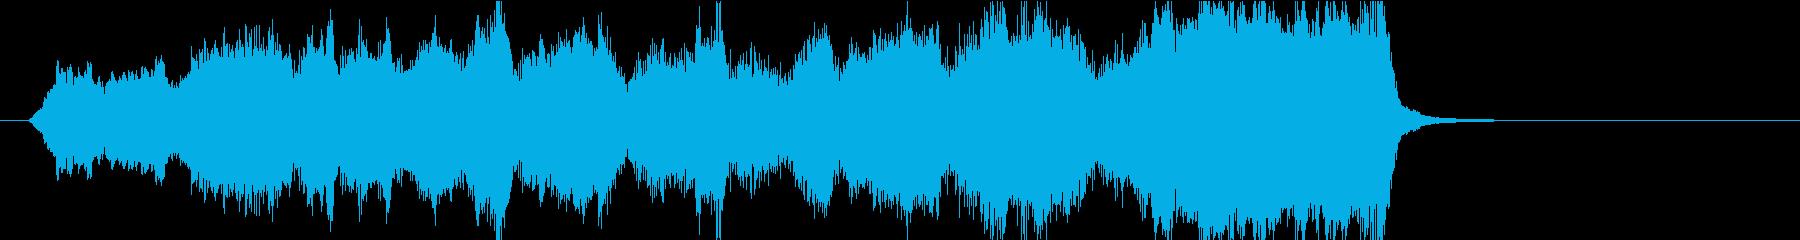 15秒CM向け 安らぎの弦楽四重奏の再生済みの波形